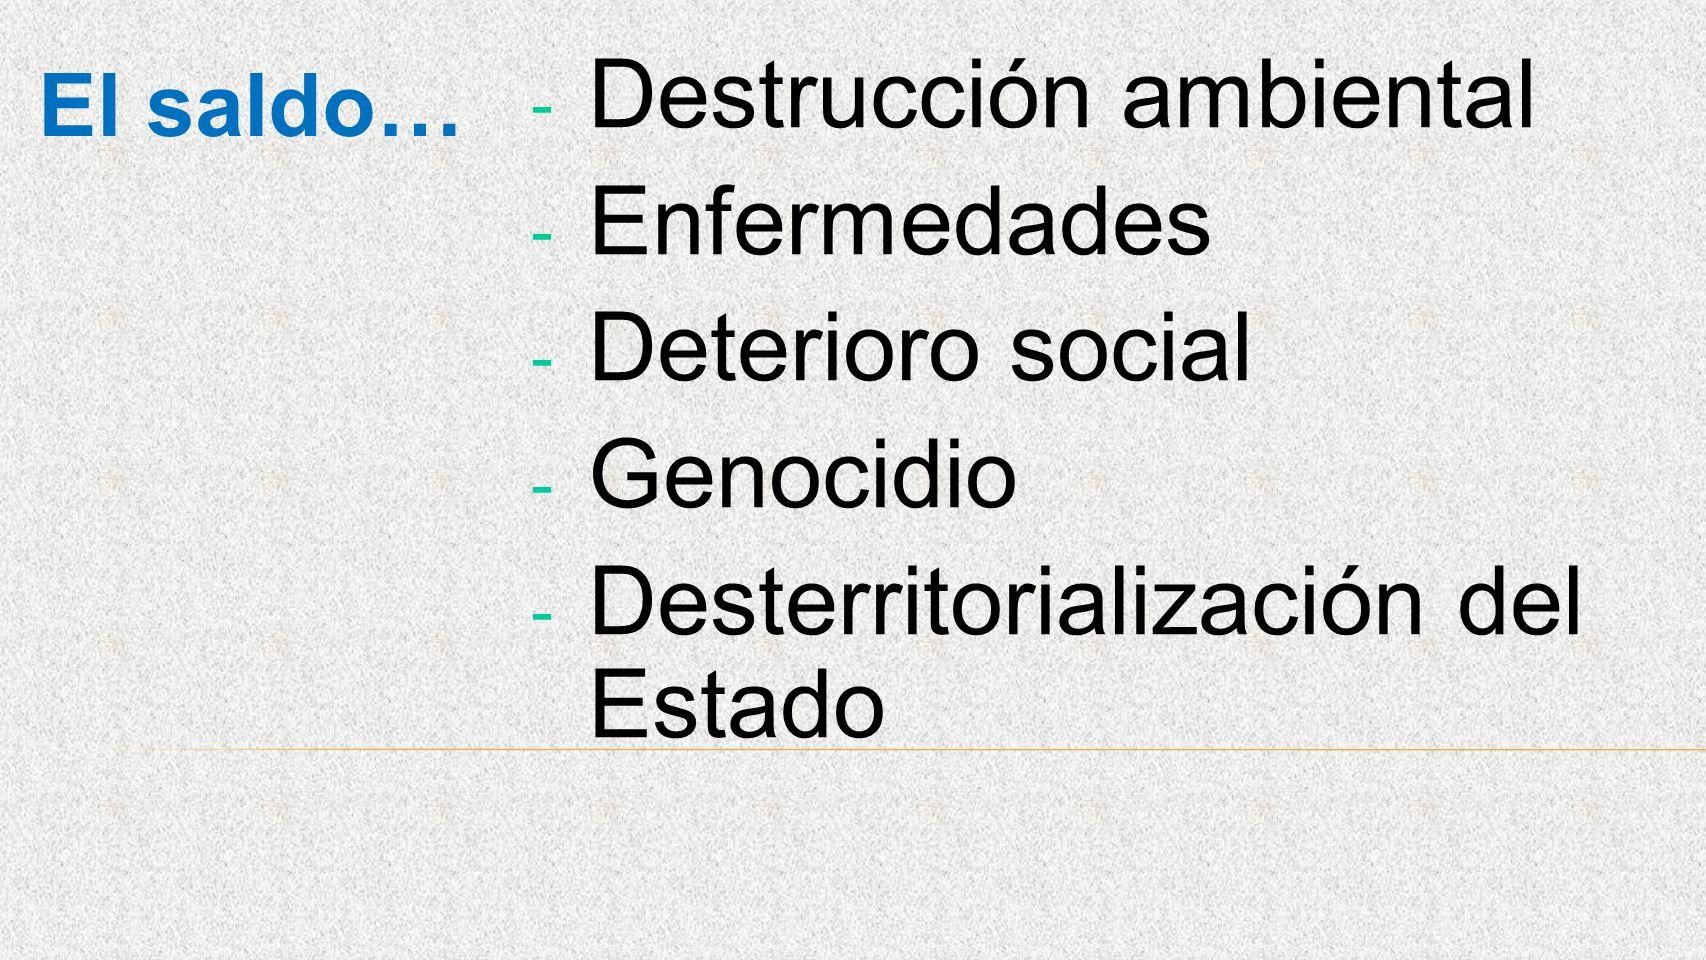 El saldo… - Destrucción ambiental - Enfermedades - Deterioro social - Genocidio - Desterritorialización del Estado